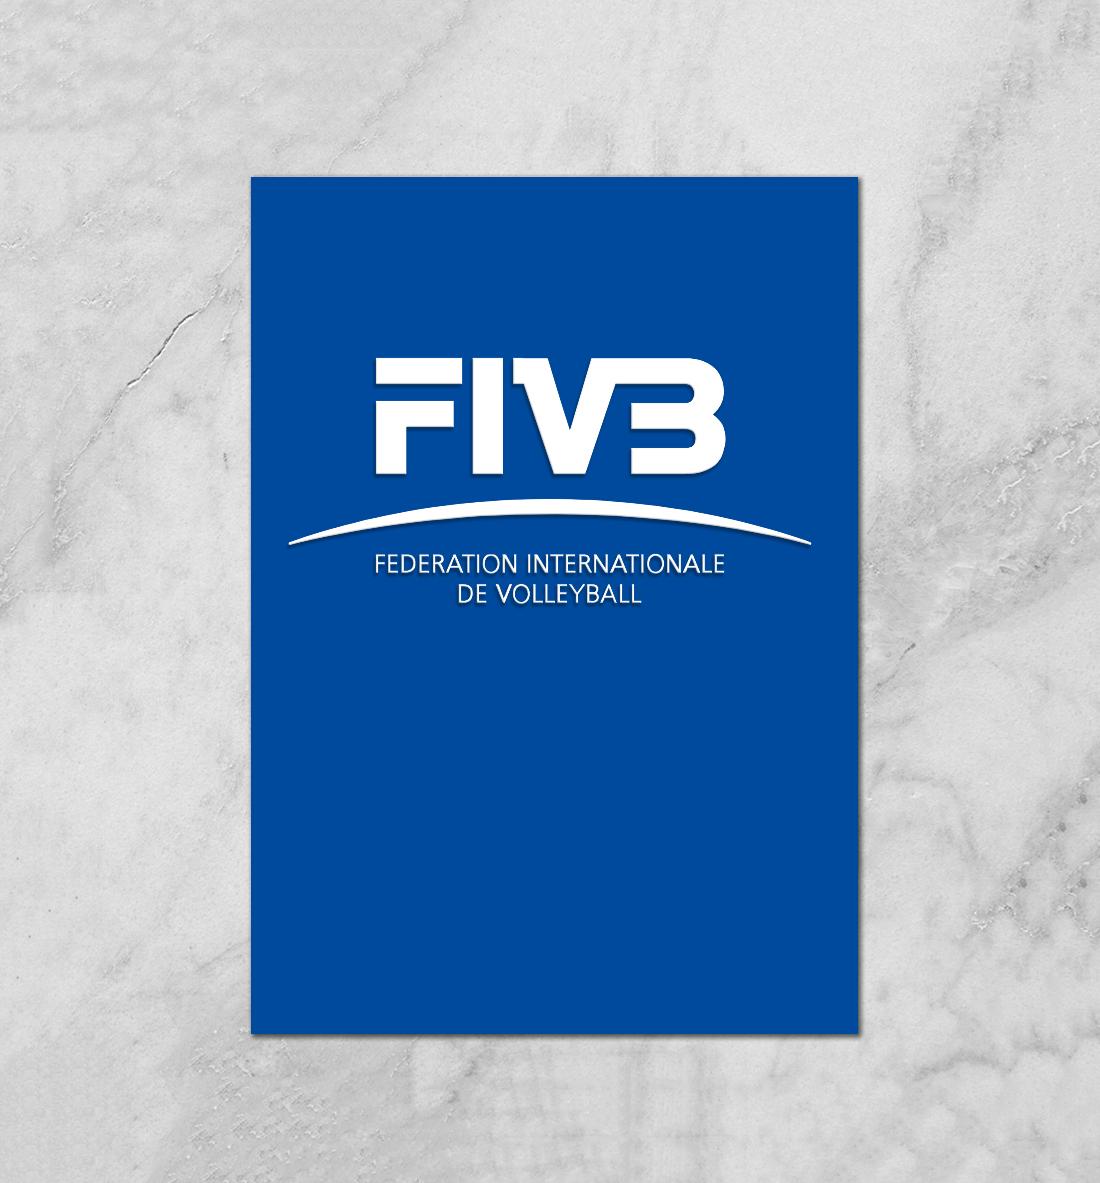 Купить FIVB, Printbar, Плакаты, VLB-974512-plk